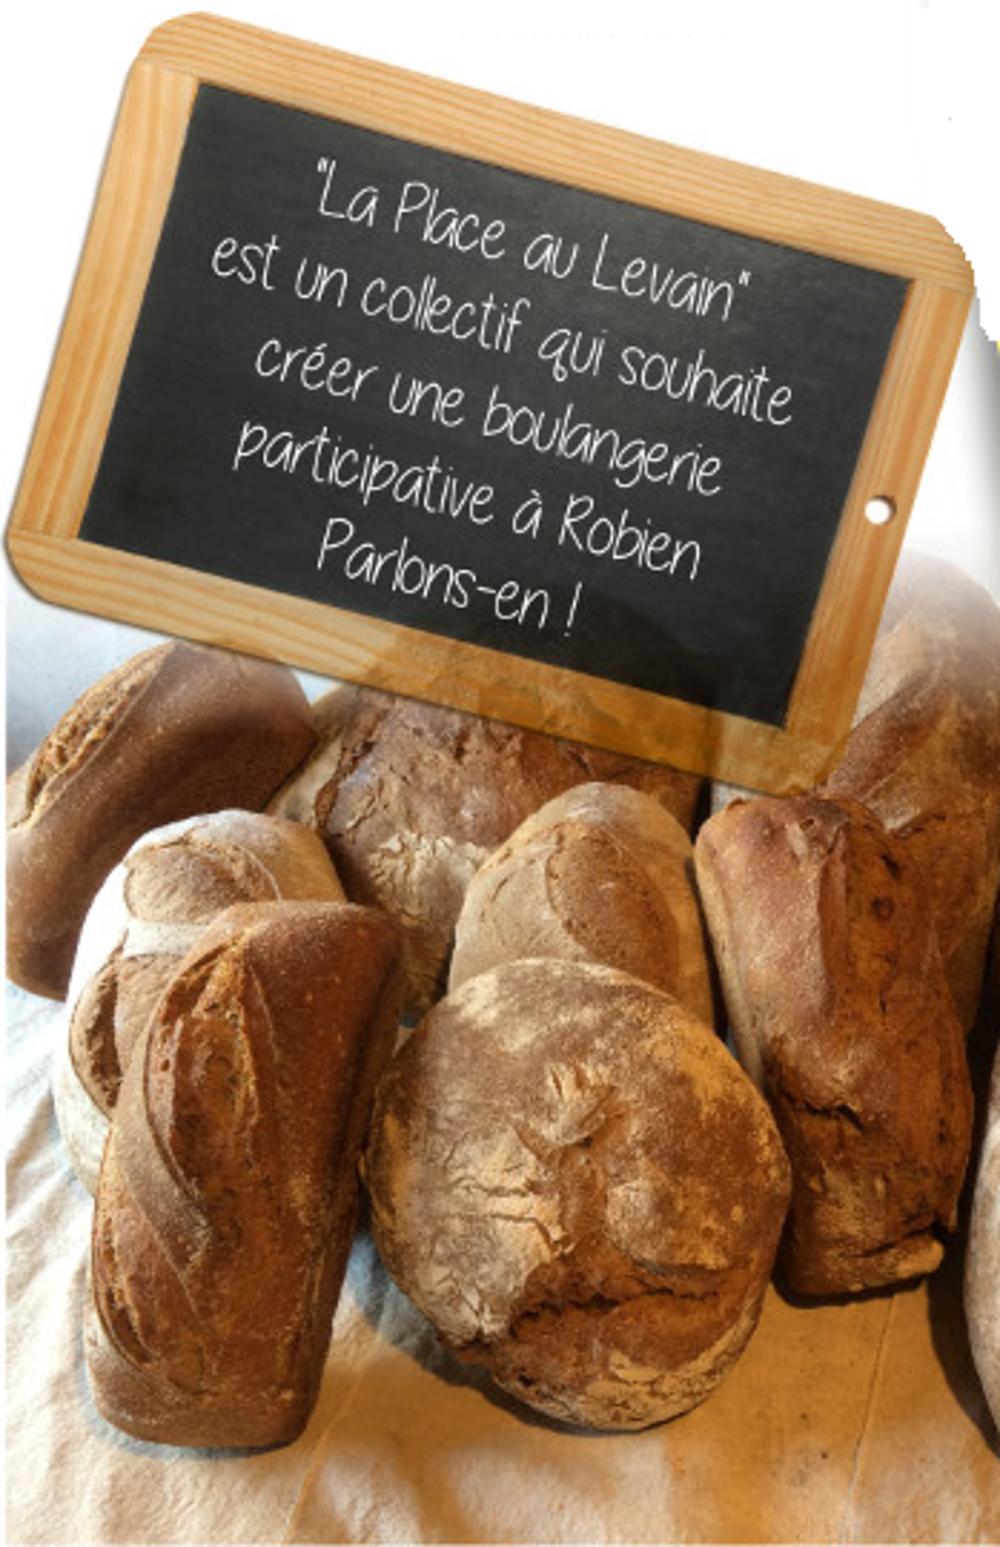 Des nouvelles de la boulangerie participatrice : de nouveaux rendez-vous 0